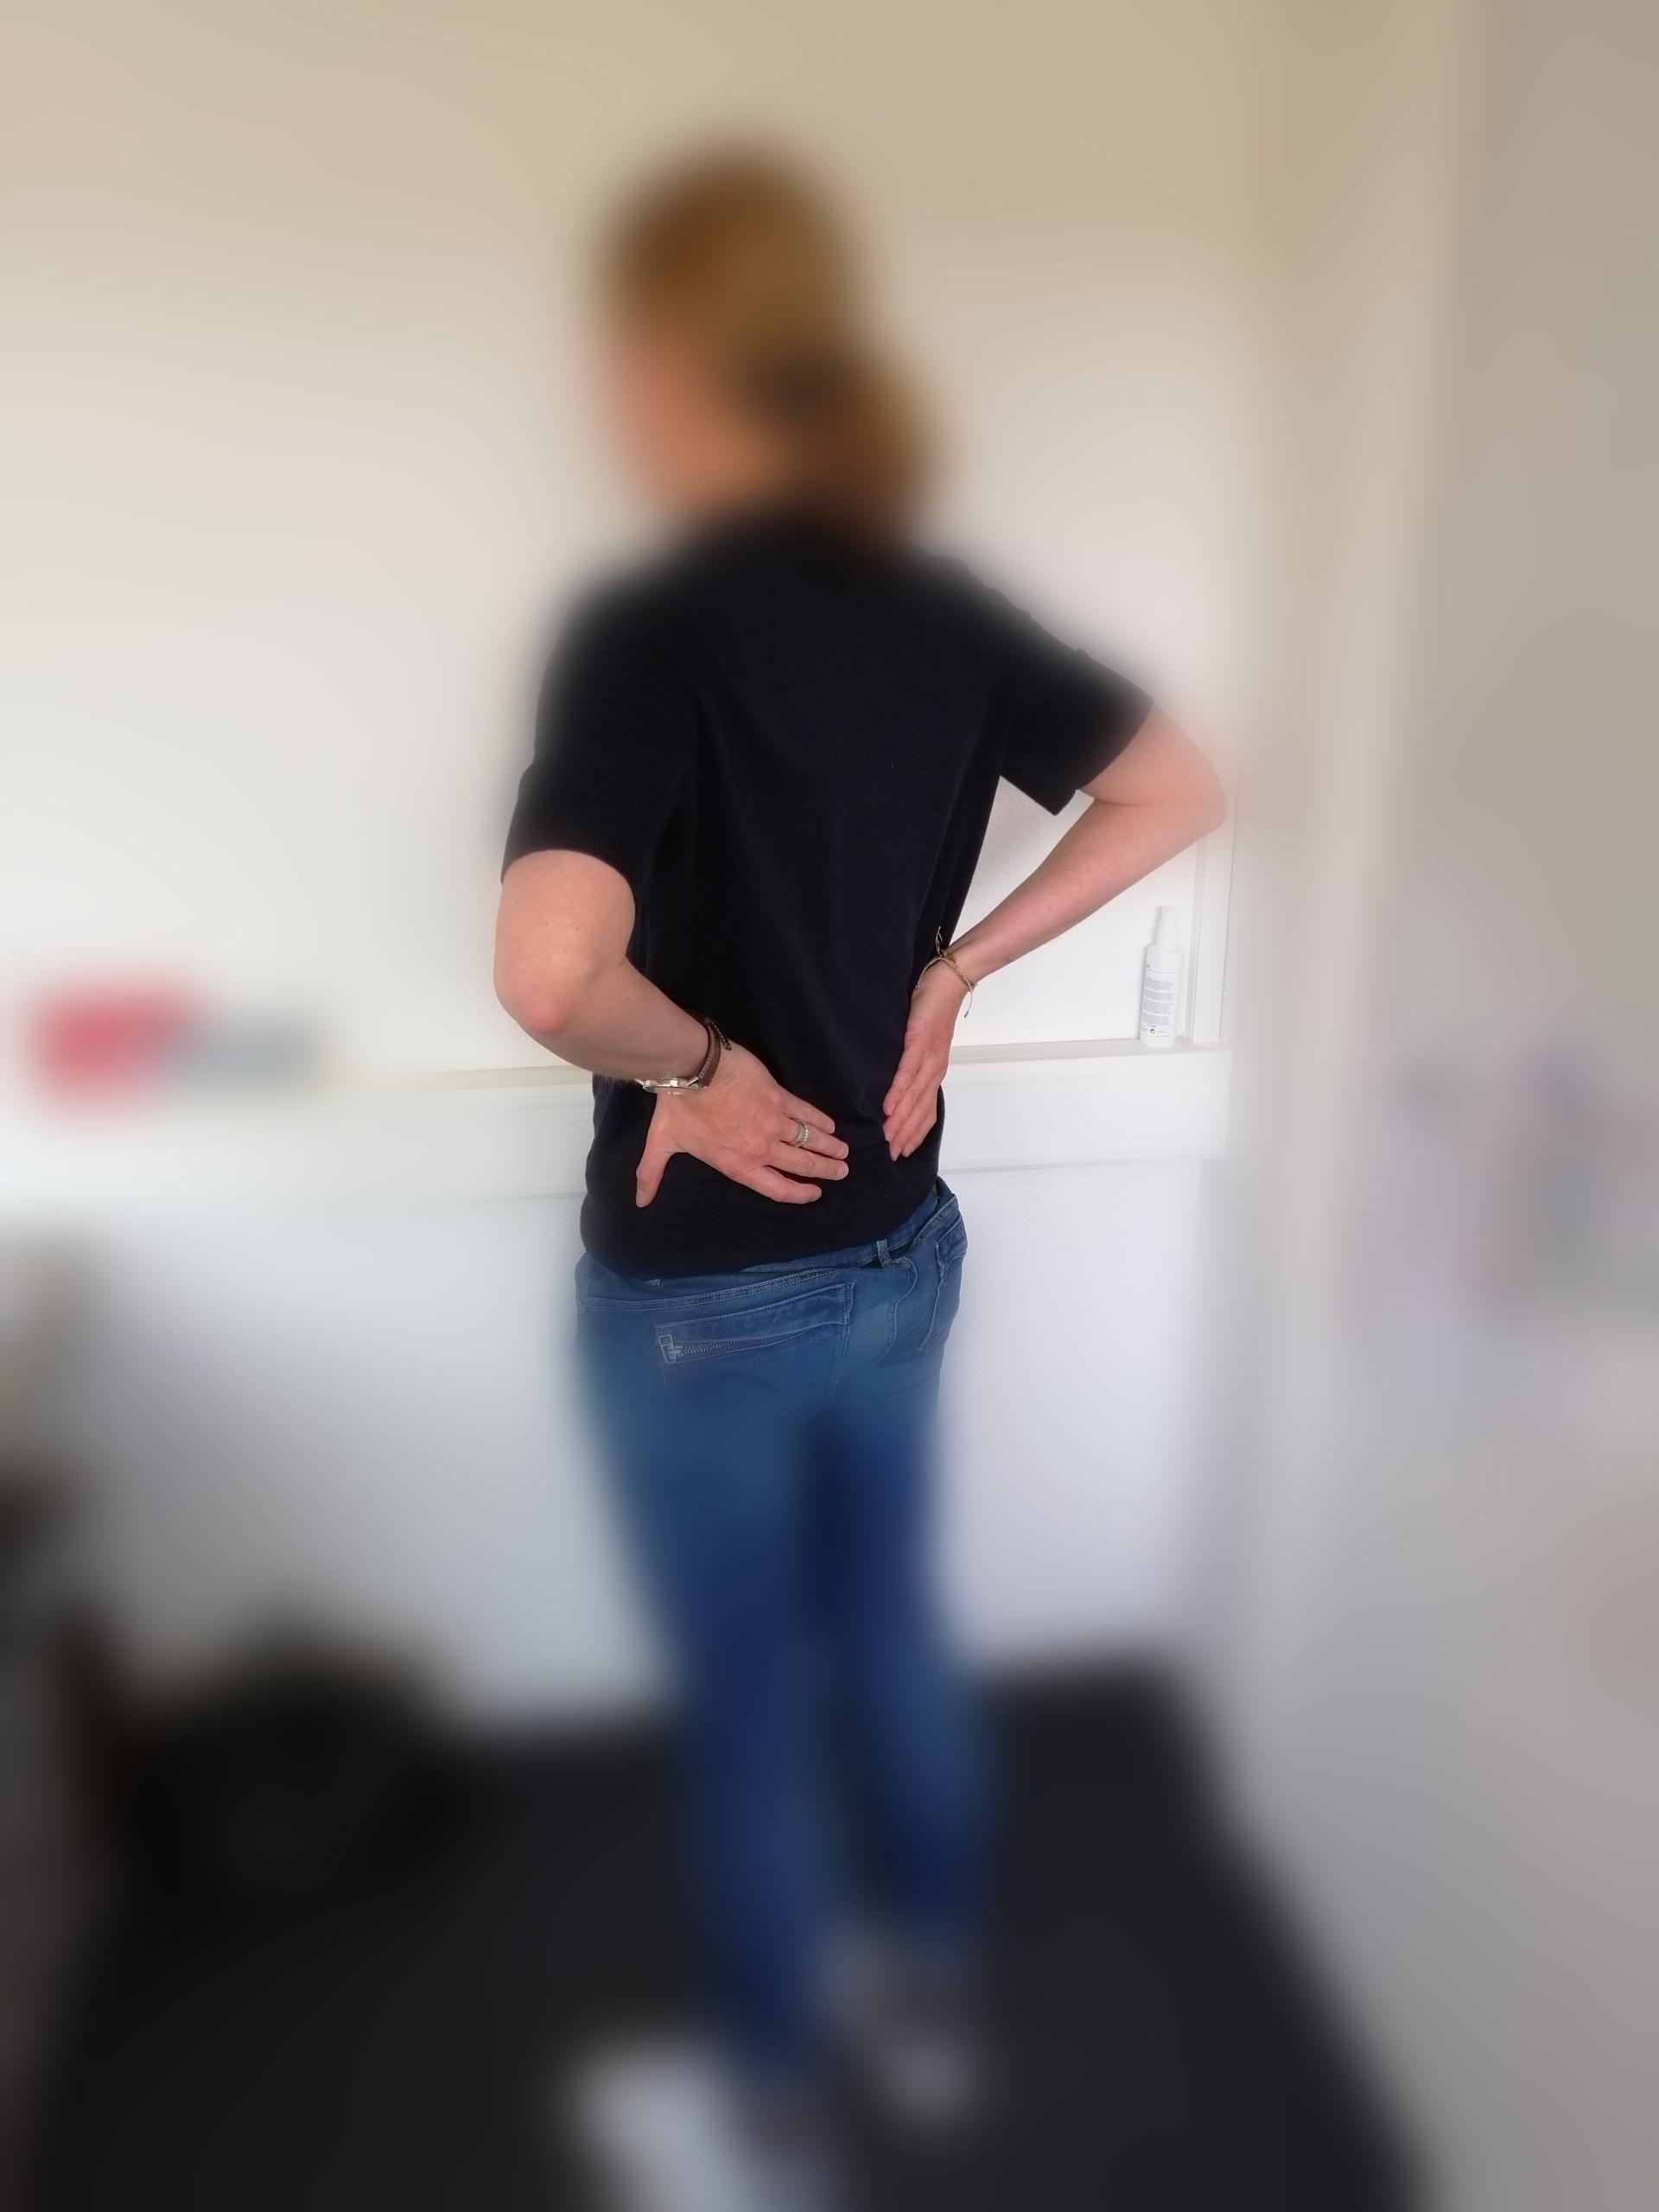 #JustForMe: Entspannung im Büroalltag - Rücken strecken